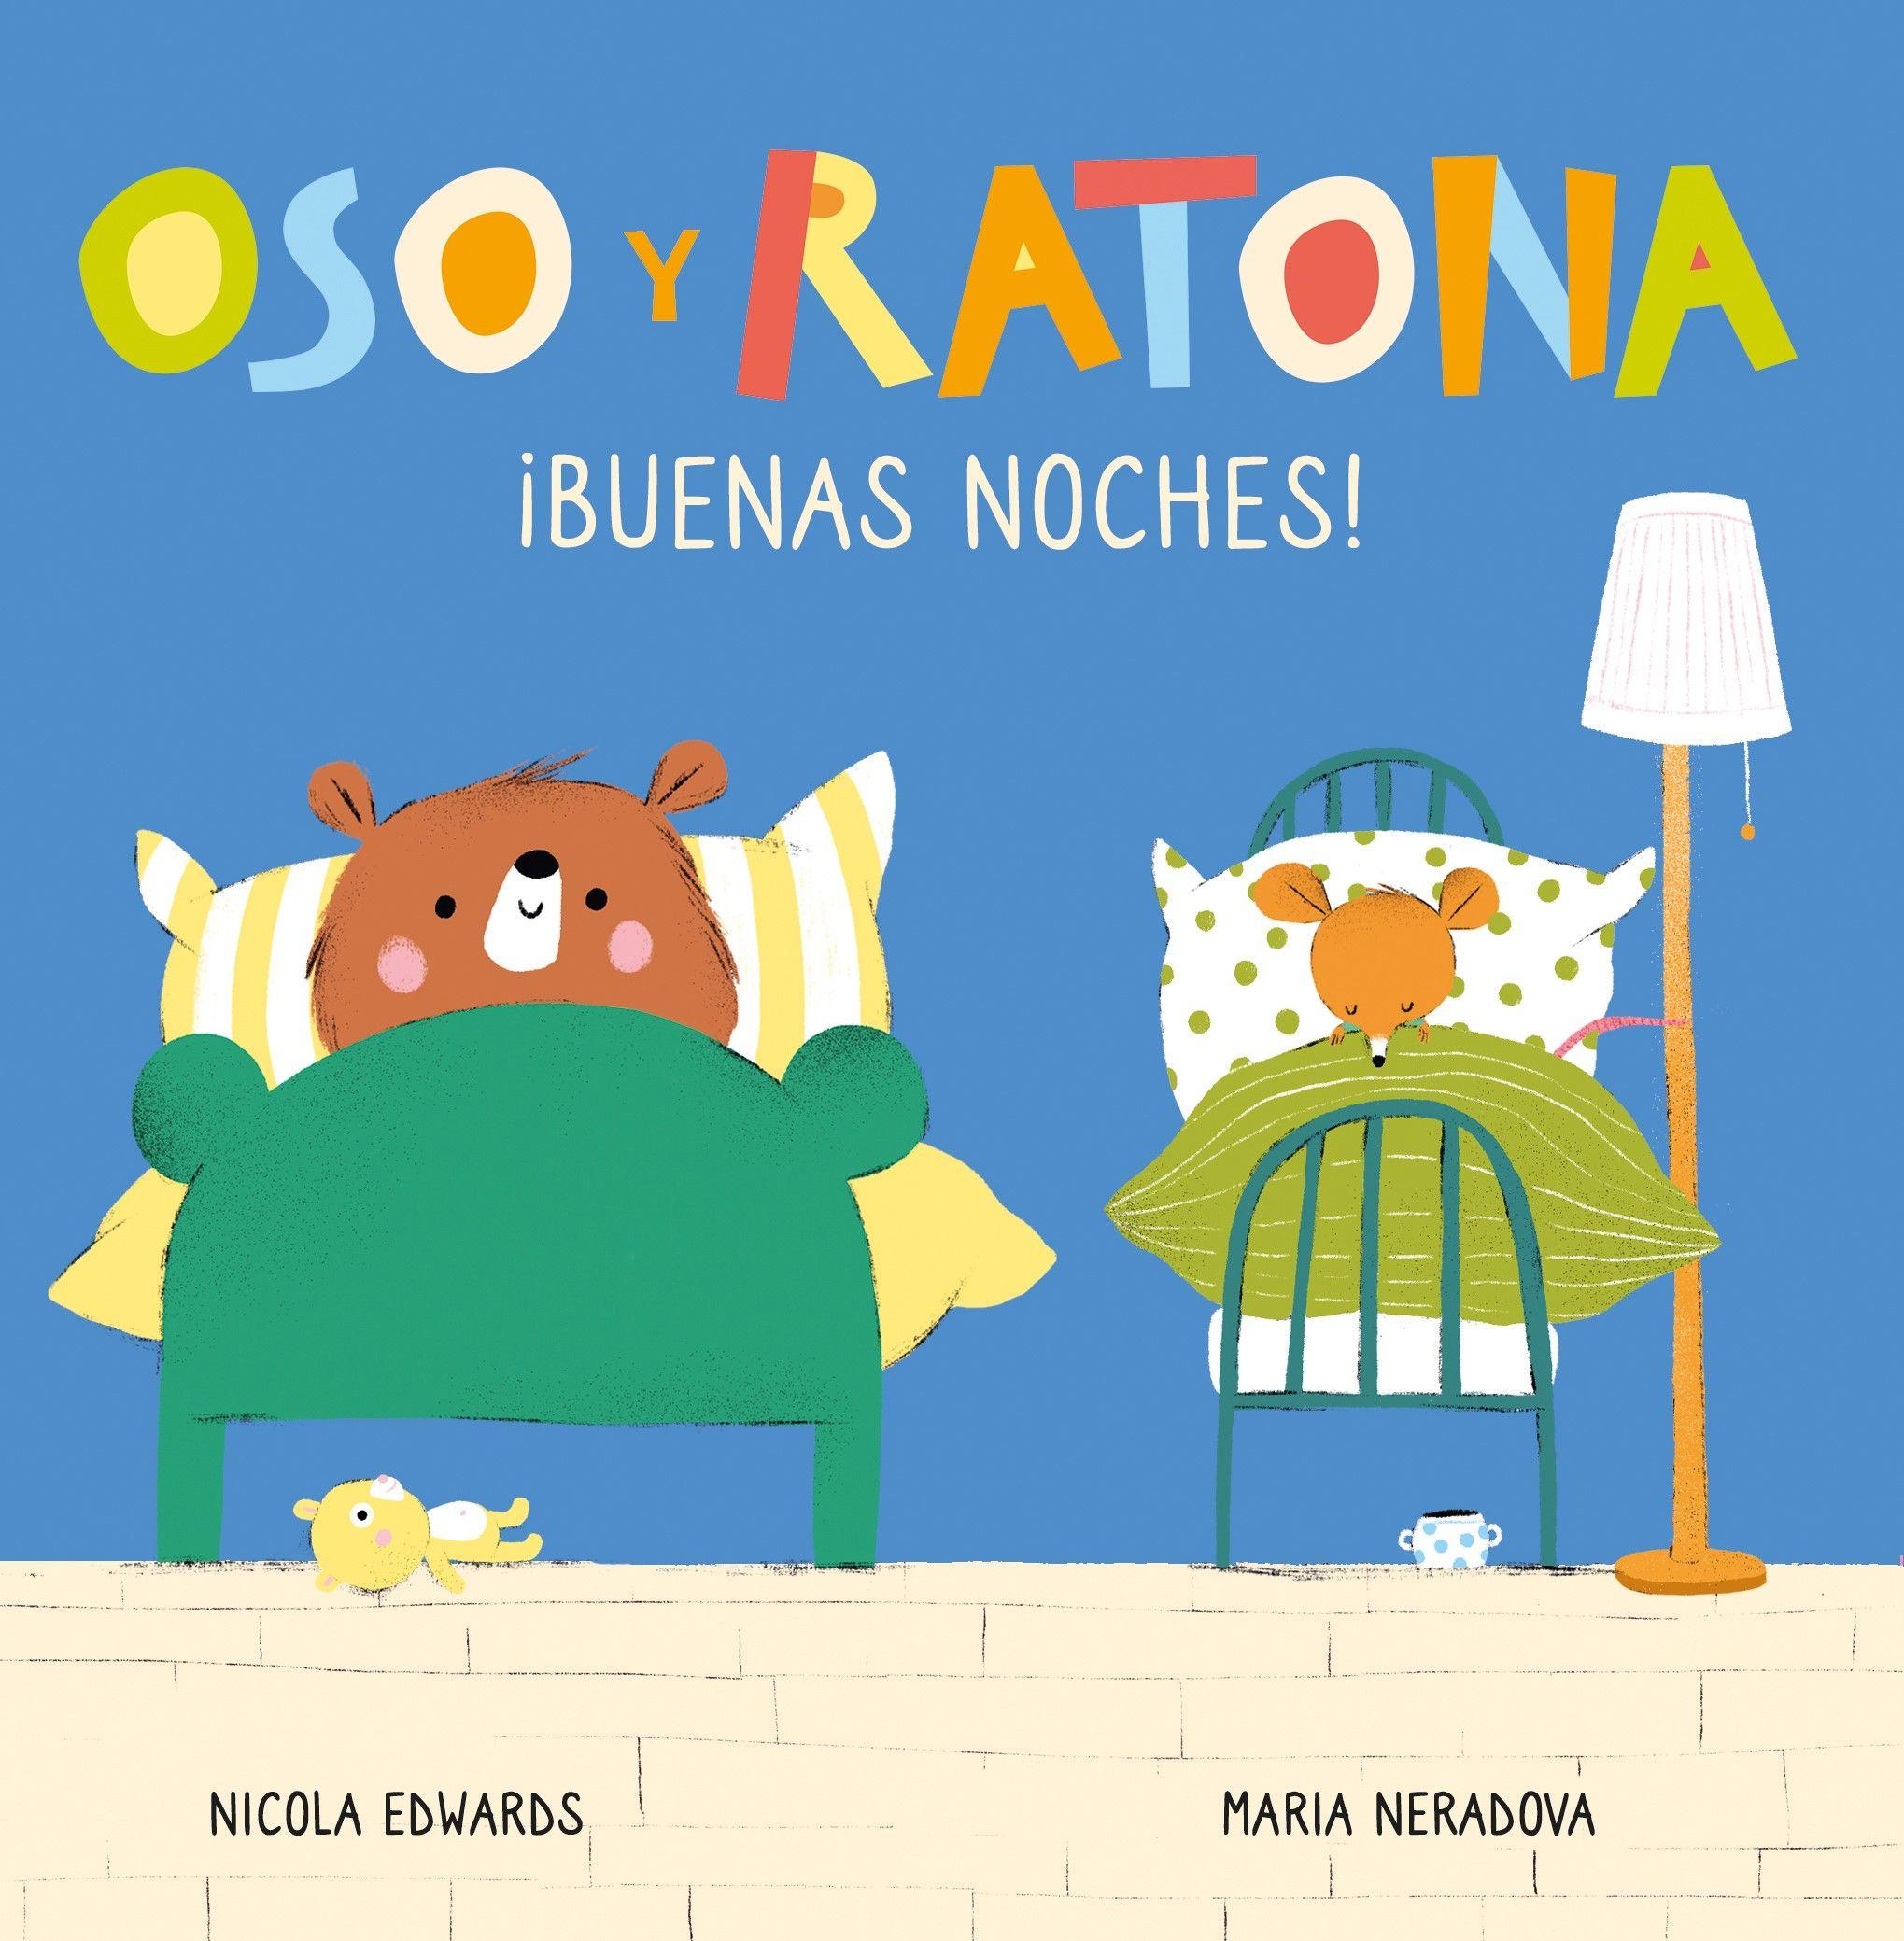 OSO Y RATONA BUENAS NOCHES